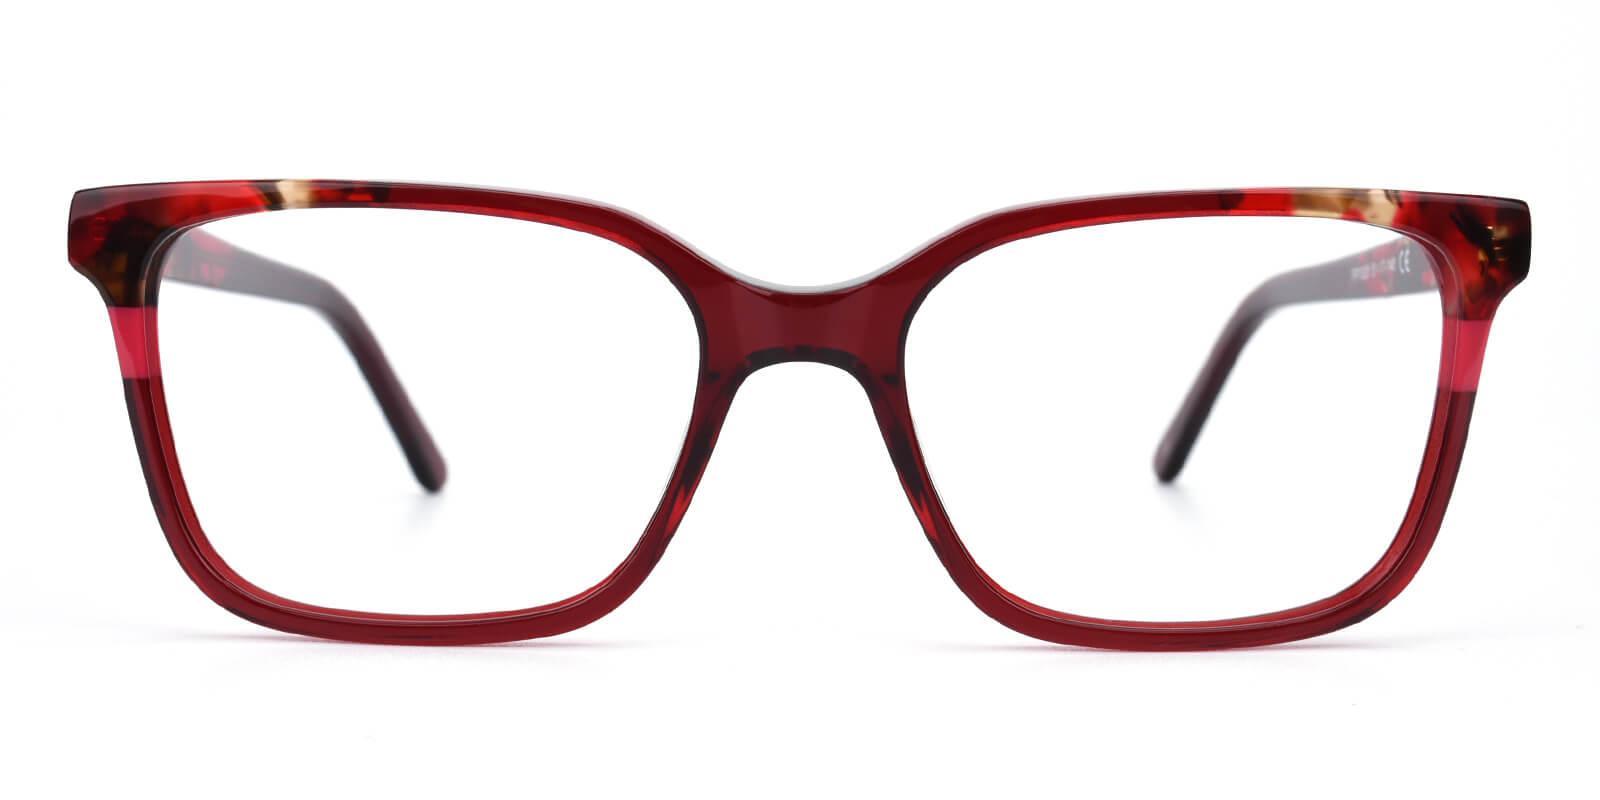 Geraldine-Red-Square / Cat-Acetate-Eyeglasses-additional2